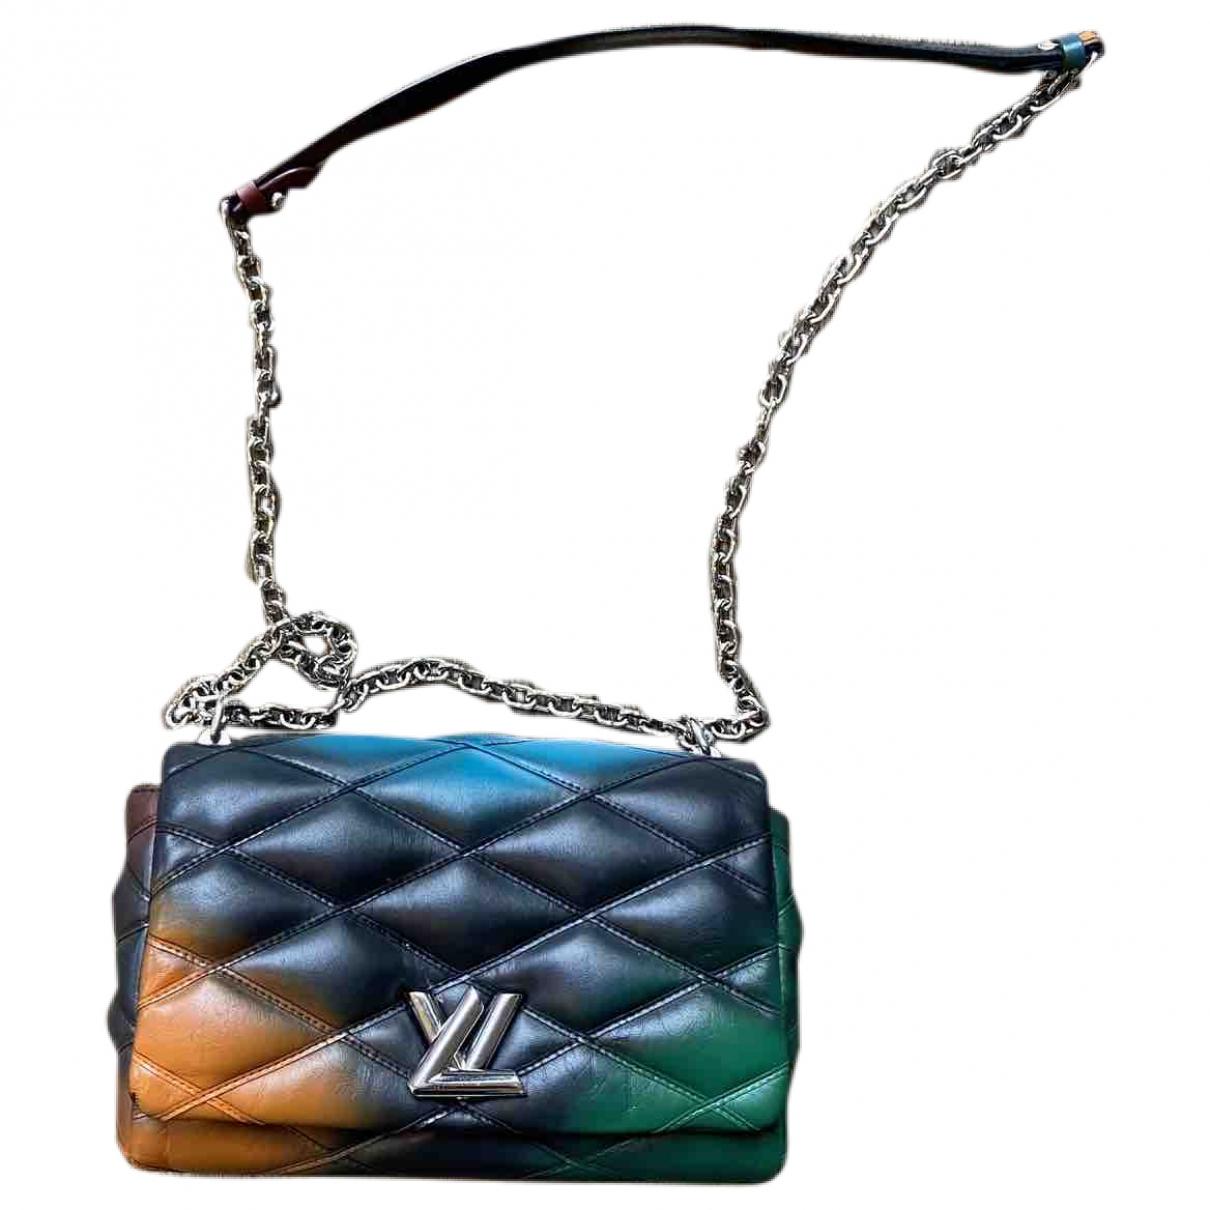 Louis Vuitton - Sac a main Twist pour femme en cuir - multicolore